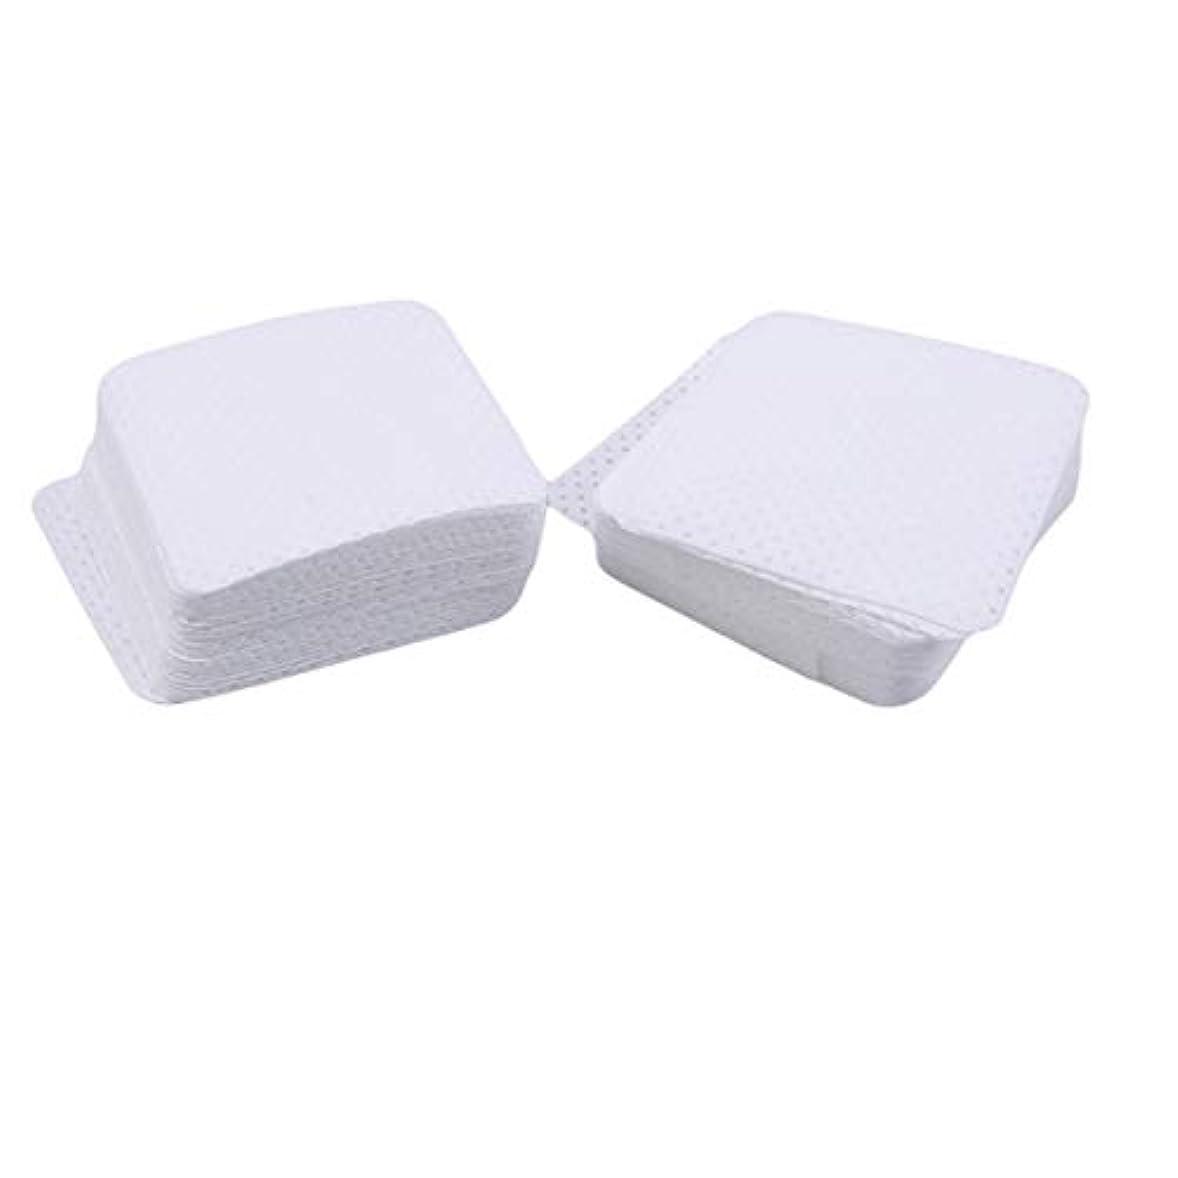 きらめきライムサラミWEIHEEネイルジェルポリッシュリムーバーセットネイルワイプコットンパッドソフト吸収マニキュアメイクアップ化粧品パッド